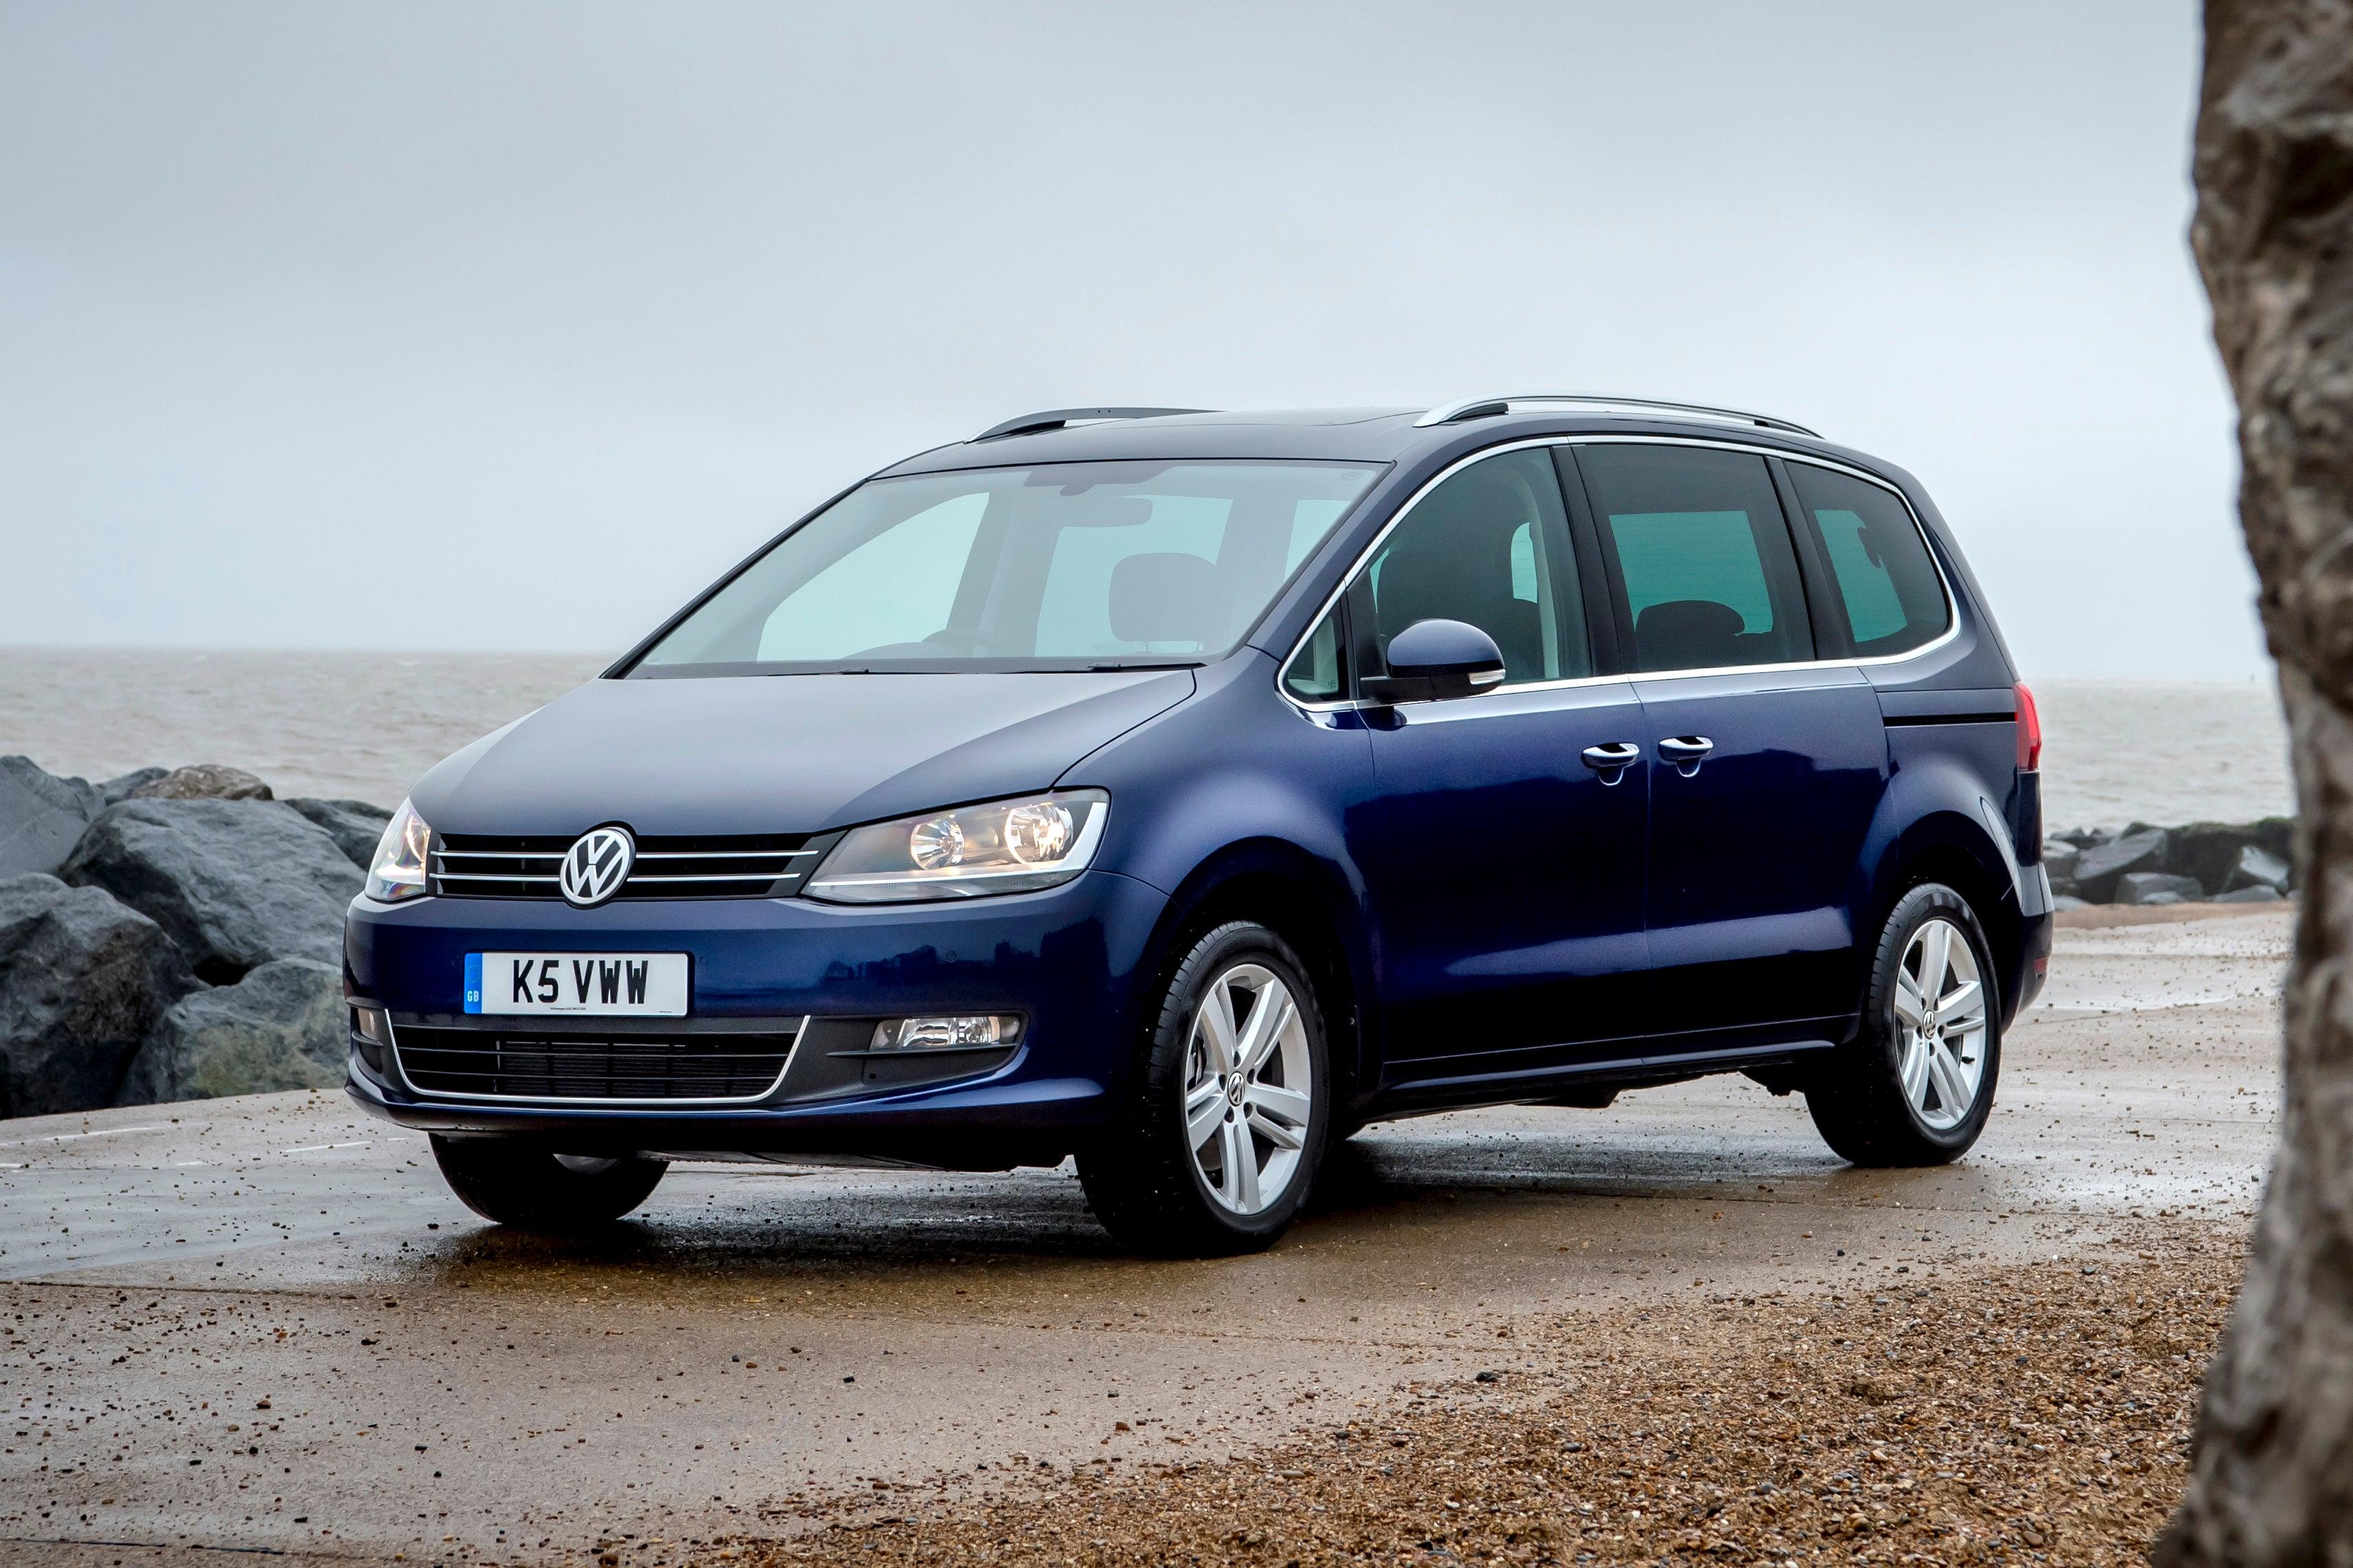 Volkswagen Sharan Front View